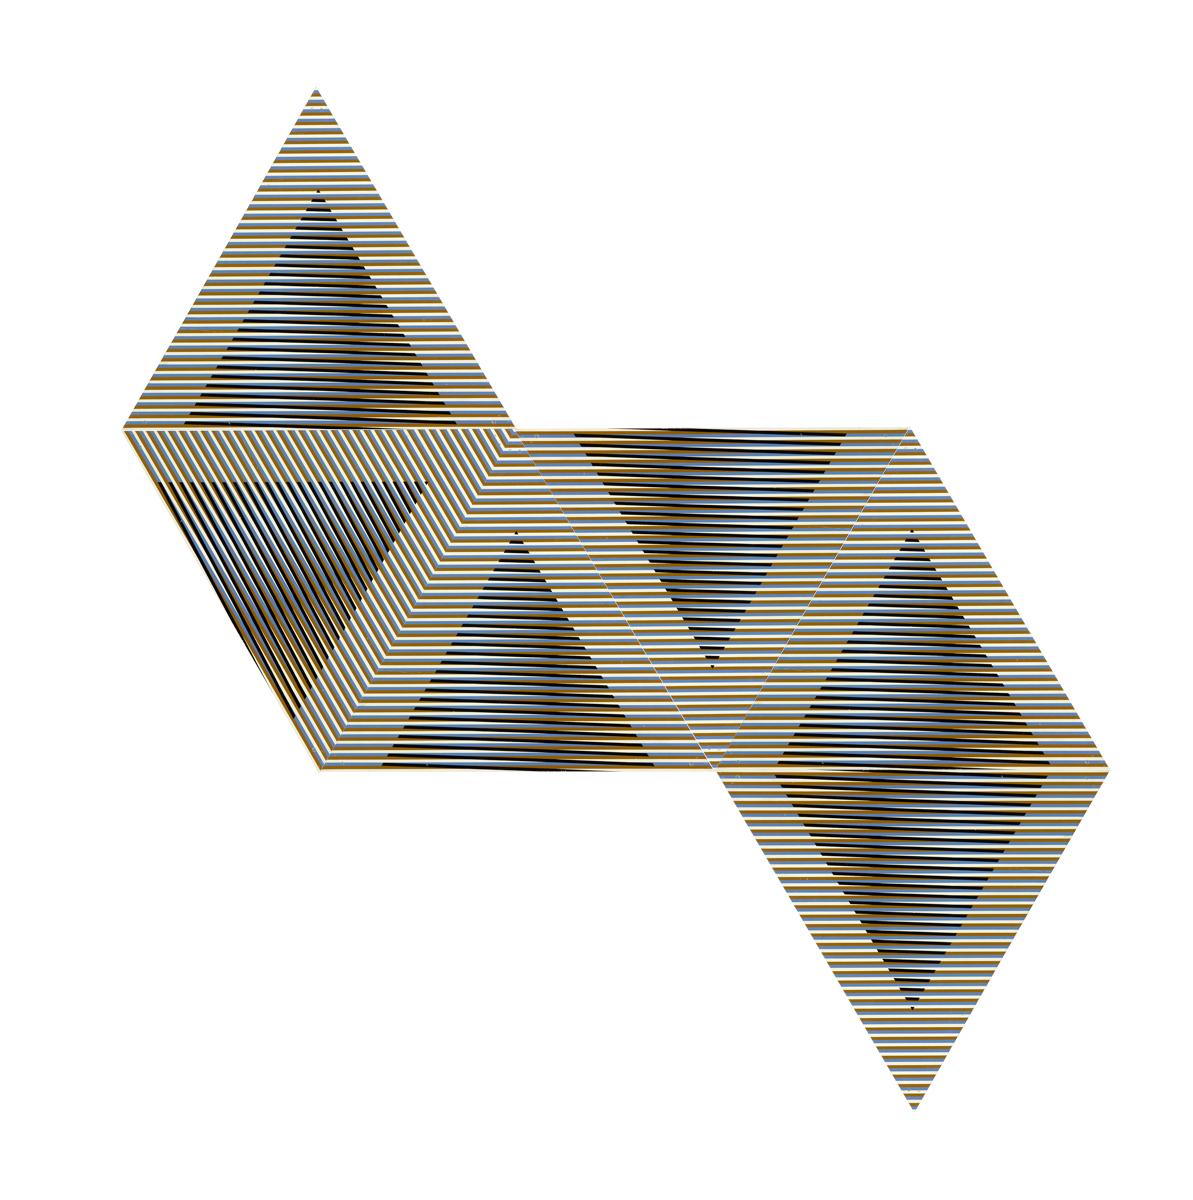 Vente Art Moderne & Contemporain  chez Casa de Subastas Odalys : 181 lots